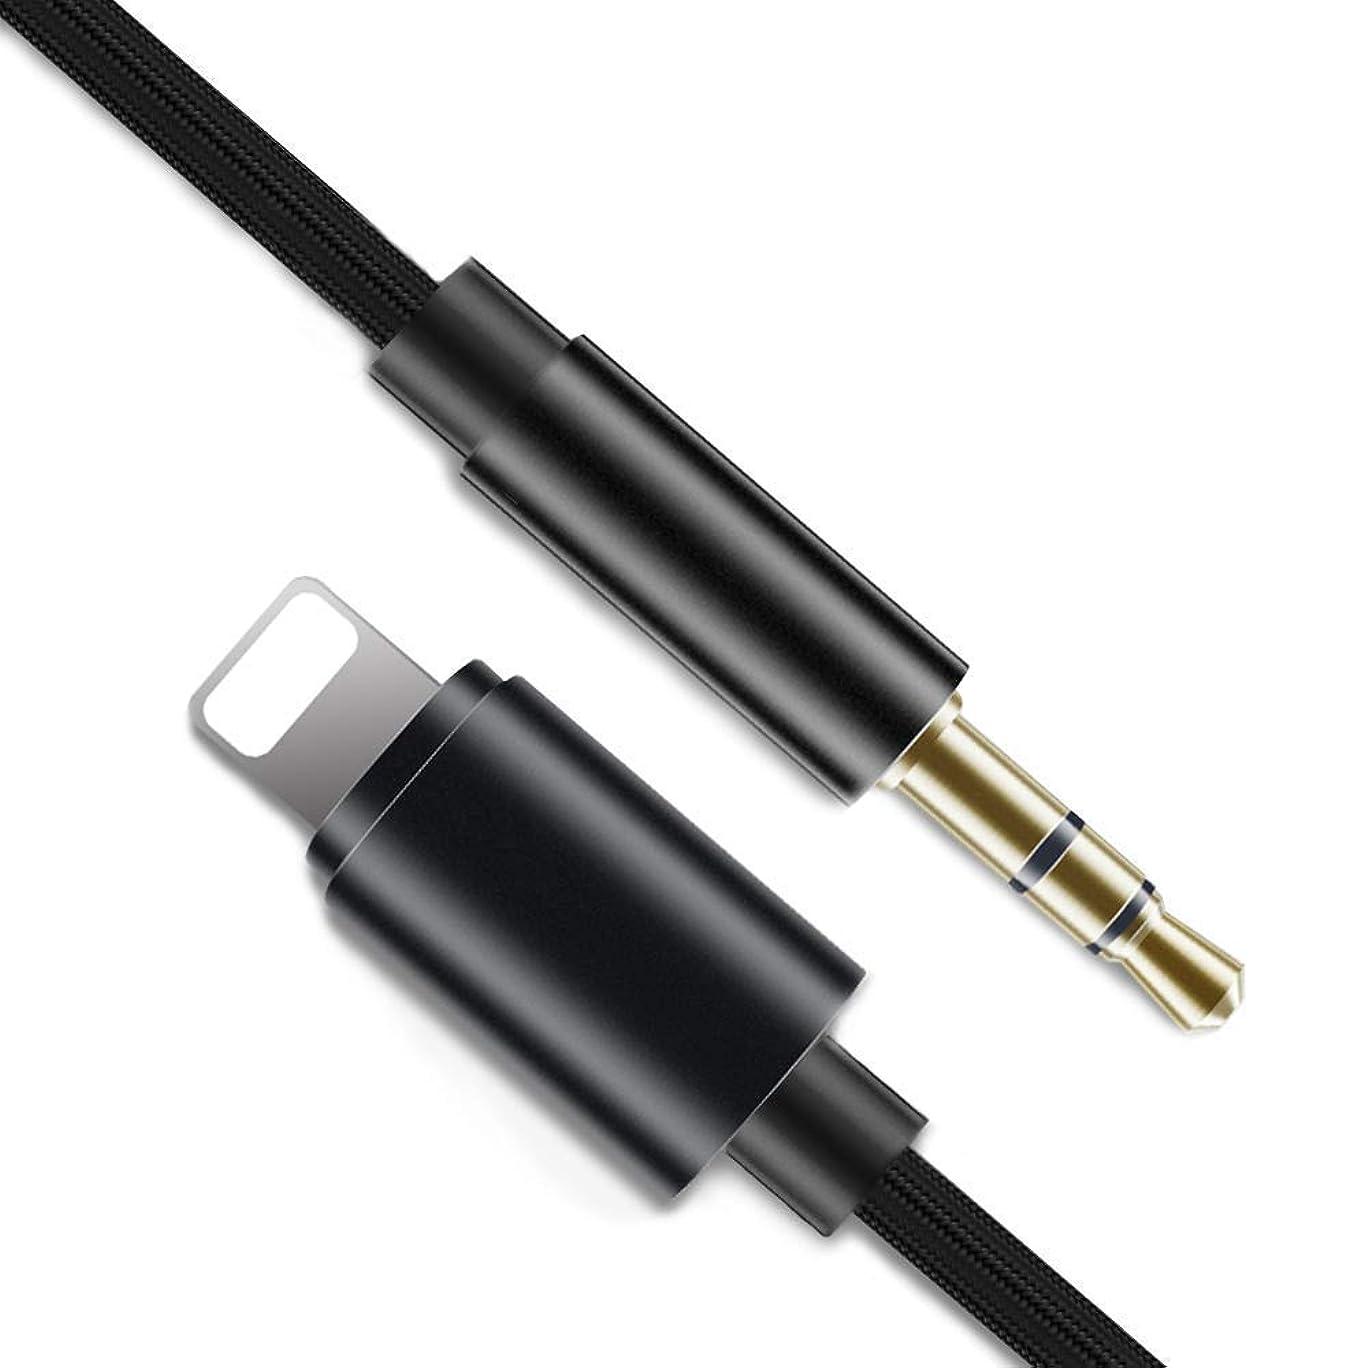 不機嫌コンピューターを使用する教室(改善版) AUX ケーブル 車 iphone 車載用 オーディオケーブル ライトニング 交換 iOS12以上対応可能 高音質 音楽再生iPhone X/XR/XS/XS MAX/8/8plus7/7 plus/6 plus/6s/iPadなど対応(ブラック-1M)